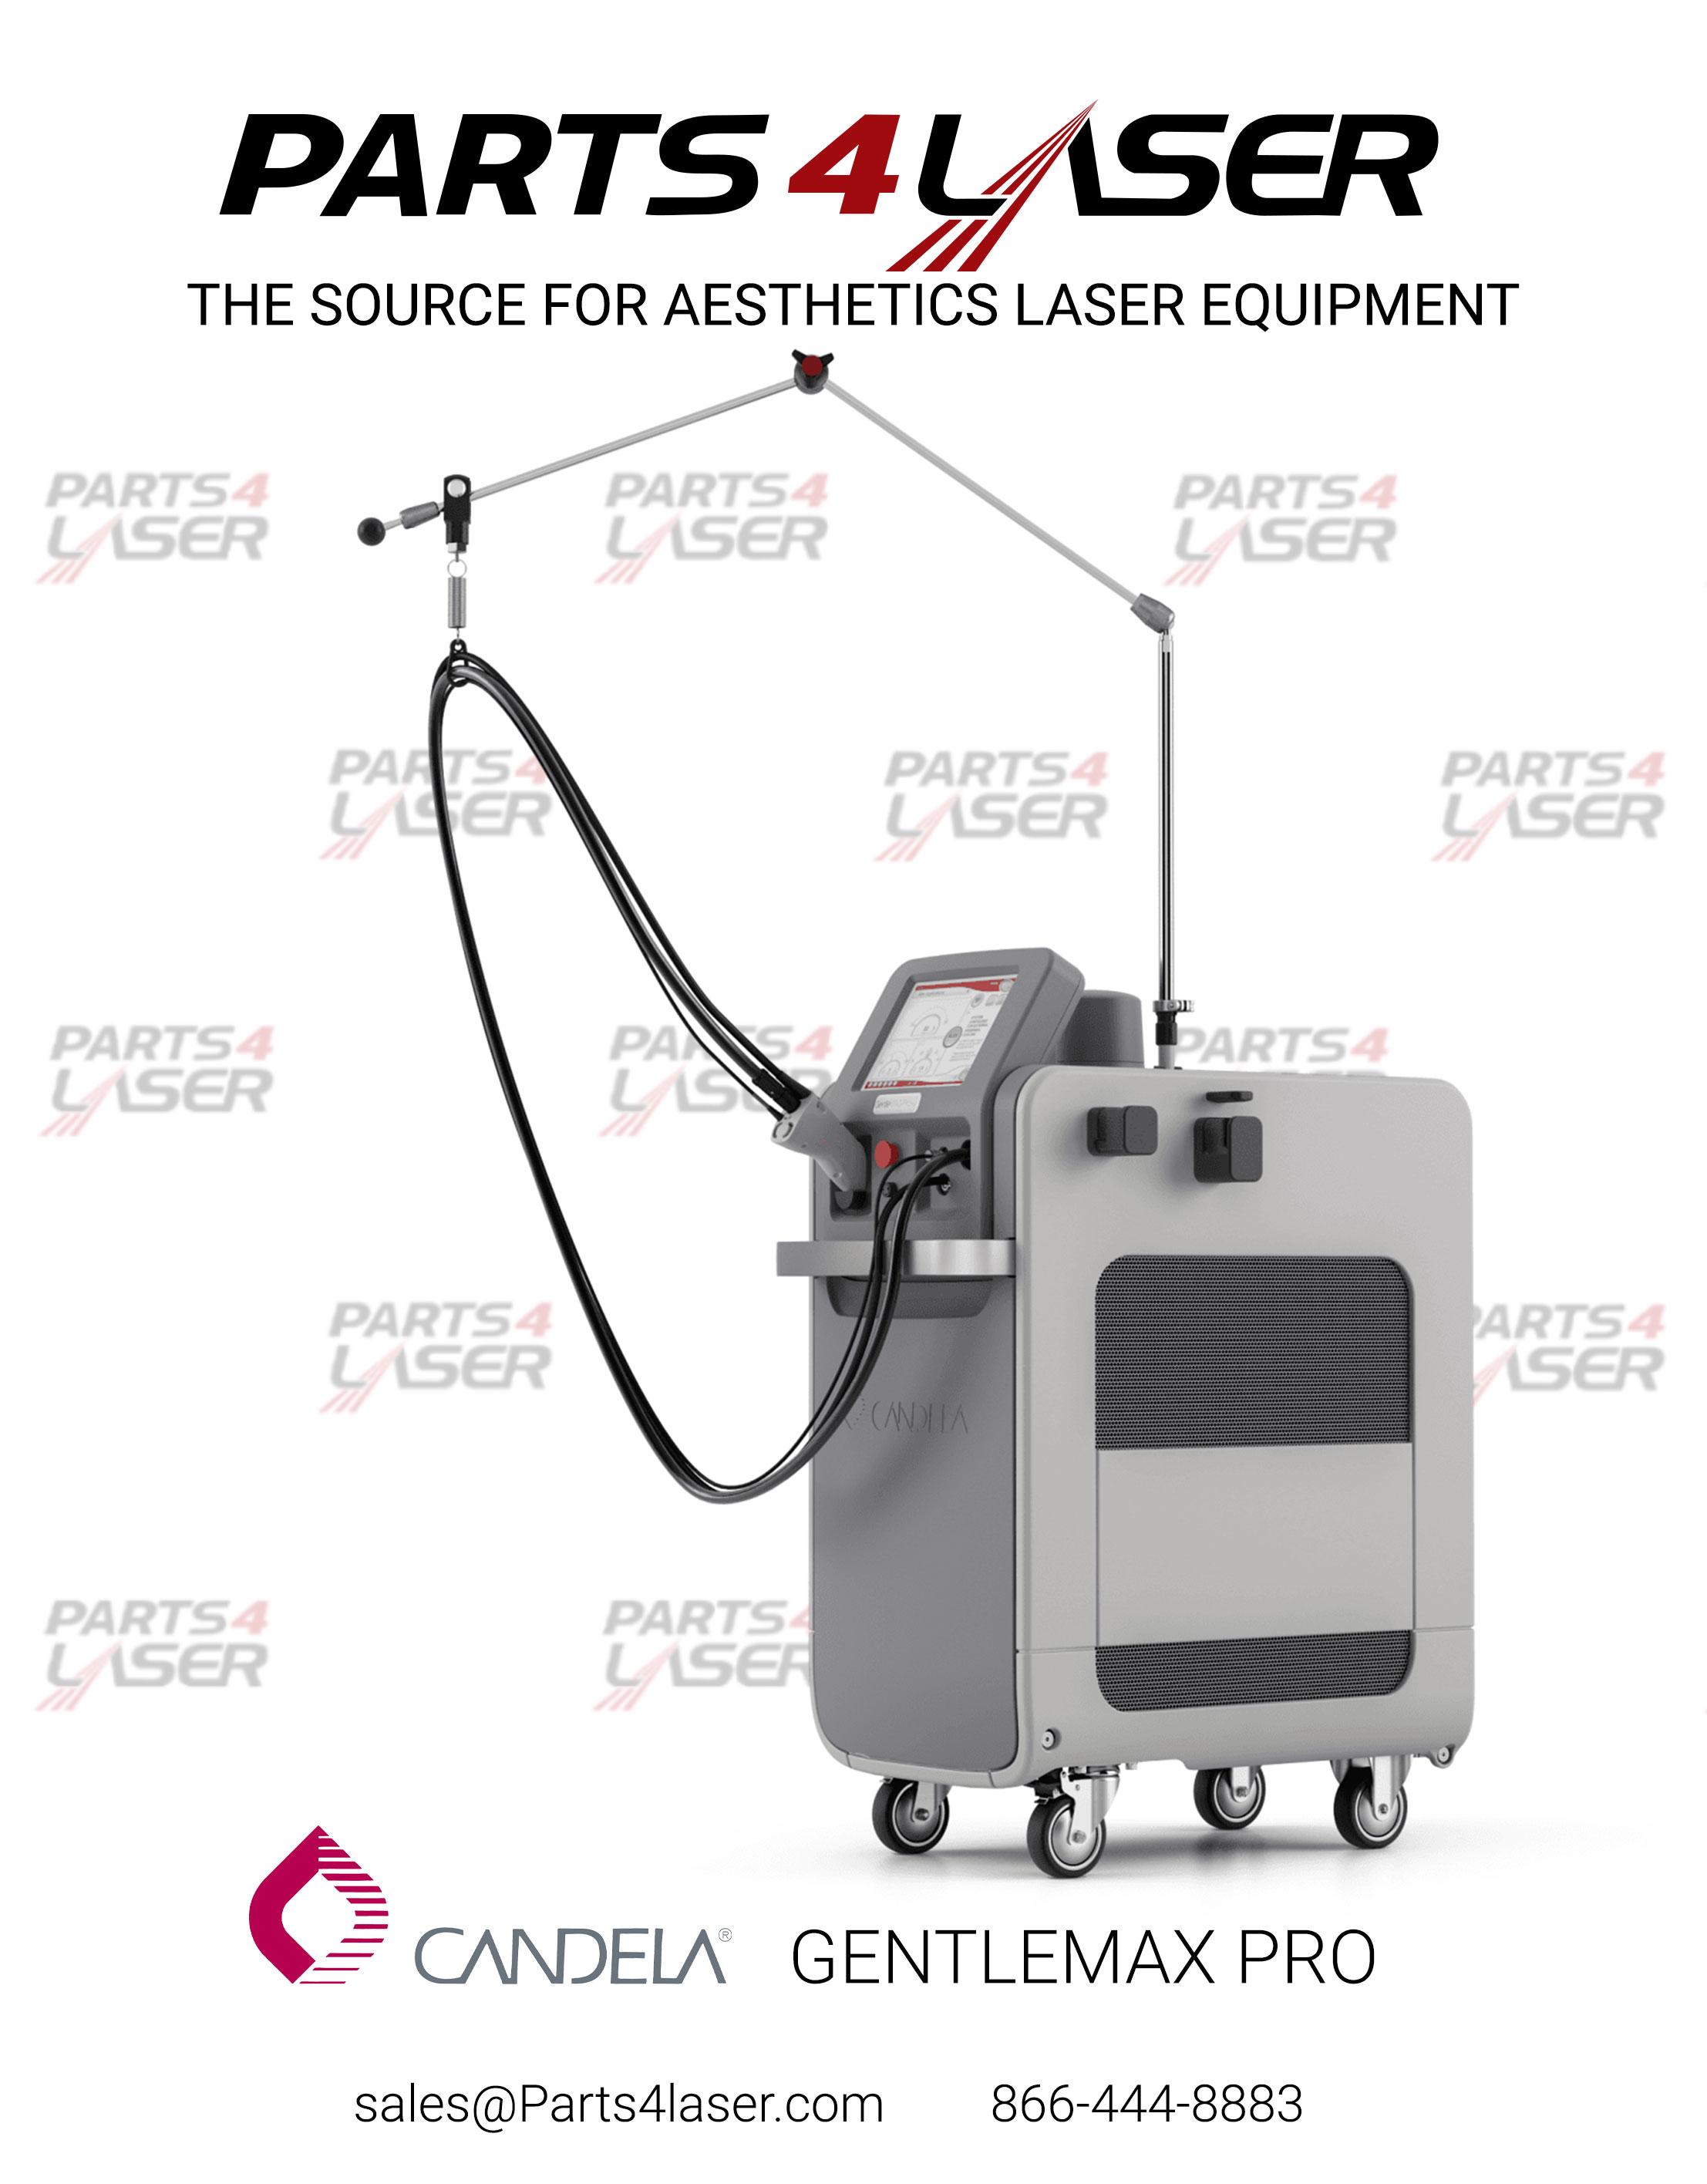 Candela Gentlemax Pro Gentlelaser Pro Laser Machine Gmax